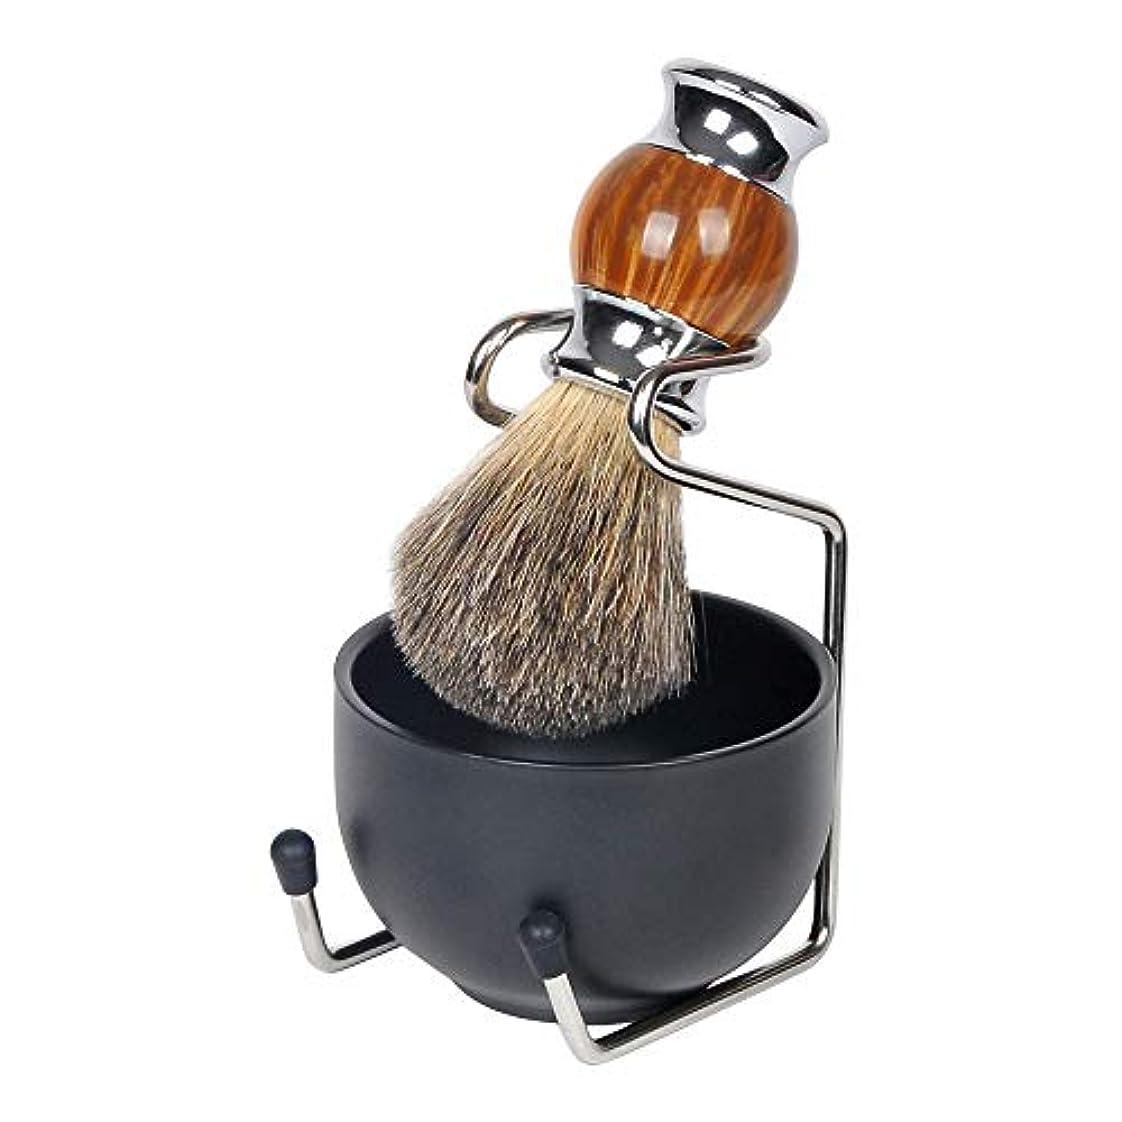 ベーカリー乏しい断線BO-RION(ボーリオン) ひげブラシ シェービングブラシセット シェービング石鹸ボウル 理容 髭剃り 泡立ち 洗顔ブラシ メンズ 100% アナグマ毛(3点セット 金属ブラウン)